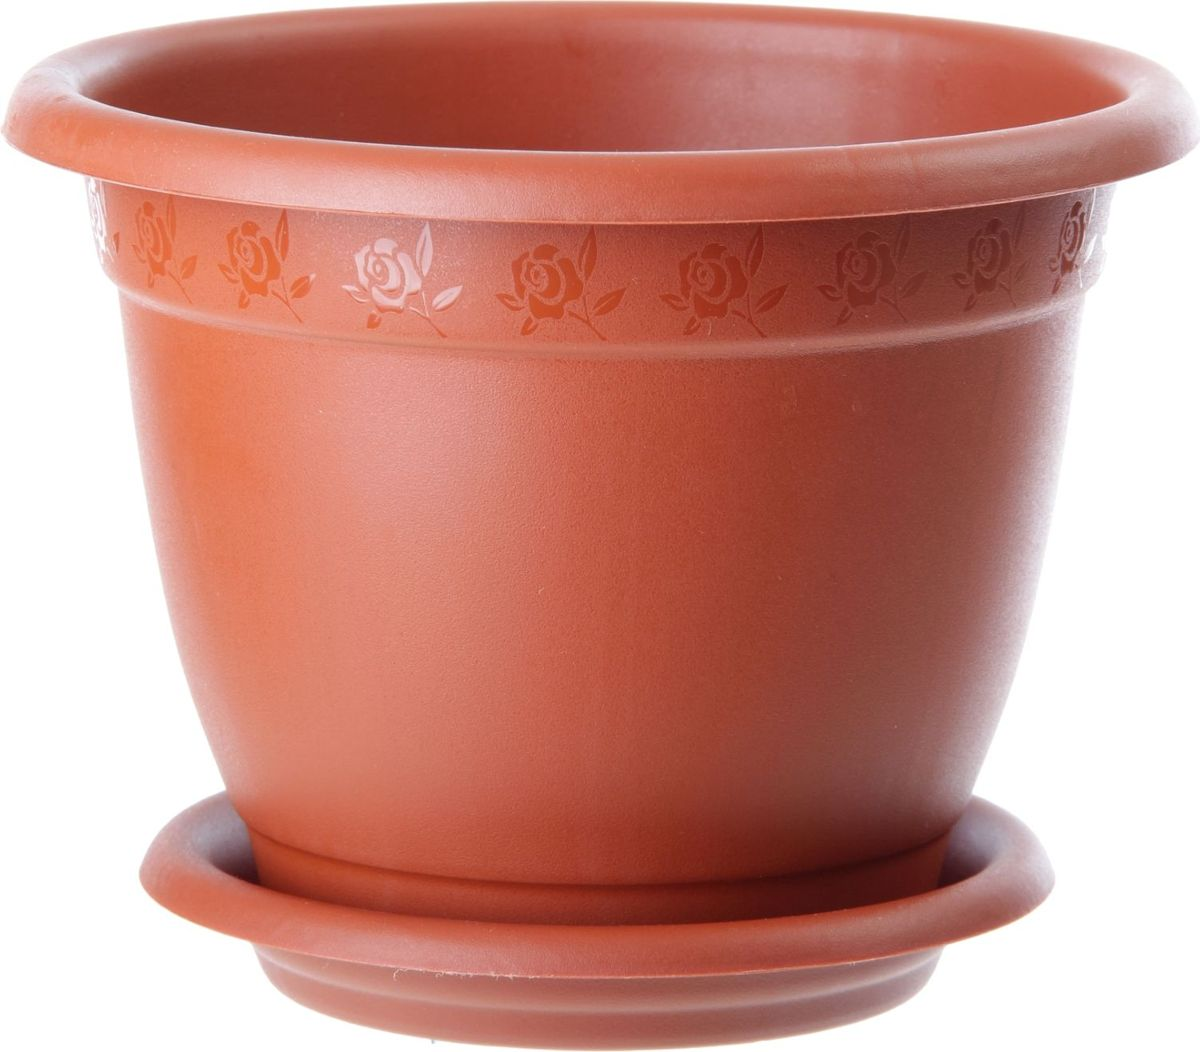 Горшок для цветов InGreen Борнео, с поддоном, цвет: терракотовый, диаметр 19 смZ-0307Горшок InGreen Борнео выполнен из высококачественного полипропилена (пластика) и предназначен для выращивания цветов, растений и трав. Снабжен поддоном для стока воды.Такой горшок порадует вас функциональностью, а благодаря лаконичному дизайну впишется в любой интерьер помещения.Диаметр горшка (по верхнему краю): 19 см. Высота горшка: 15,5 см. Диаметр поддона: 15 см.